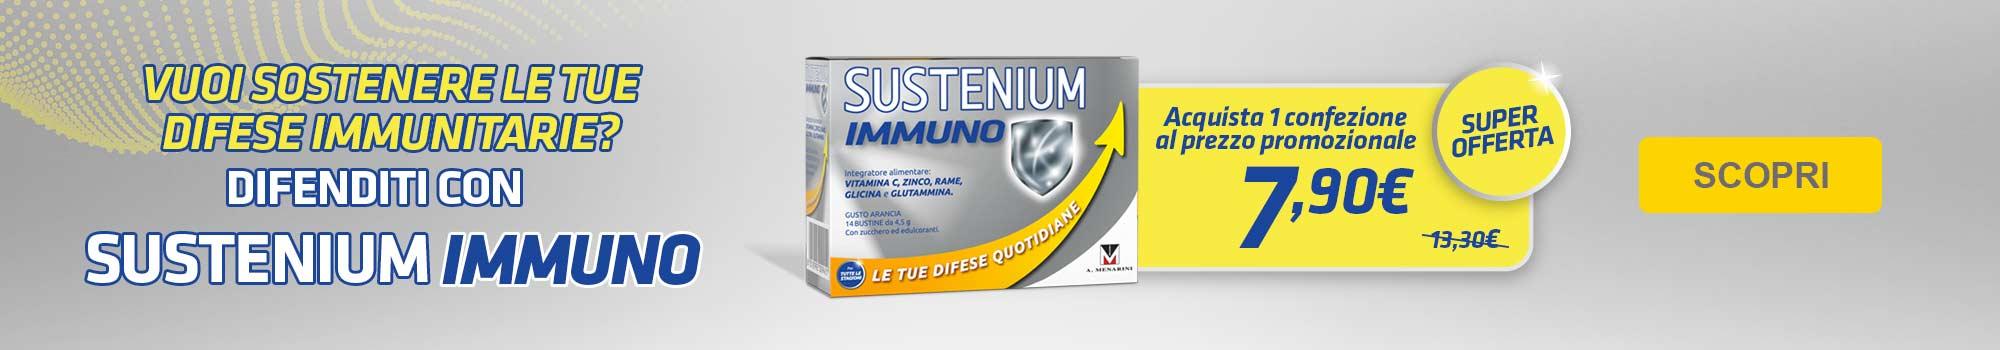 sustenium immuno energy